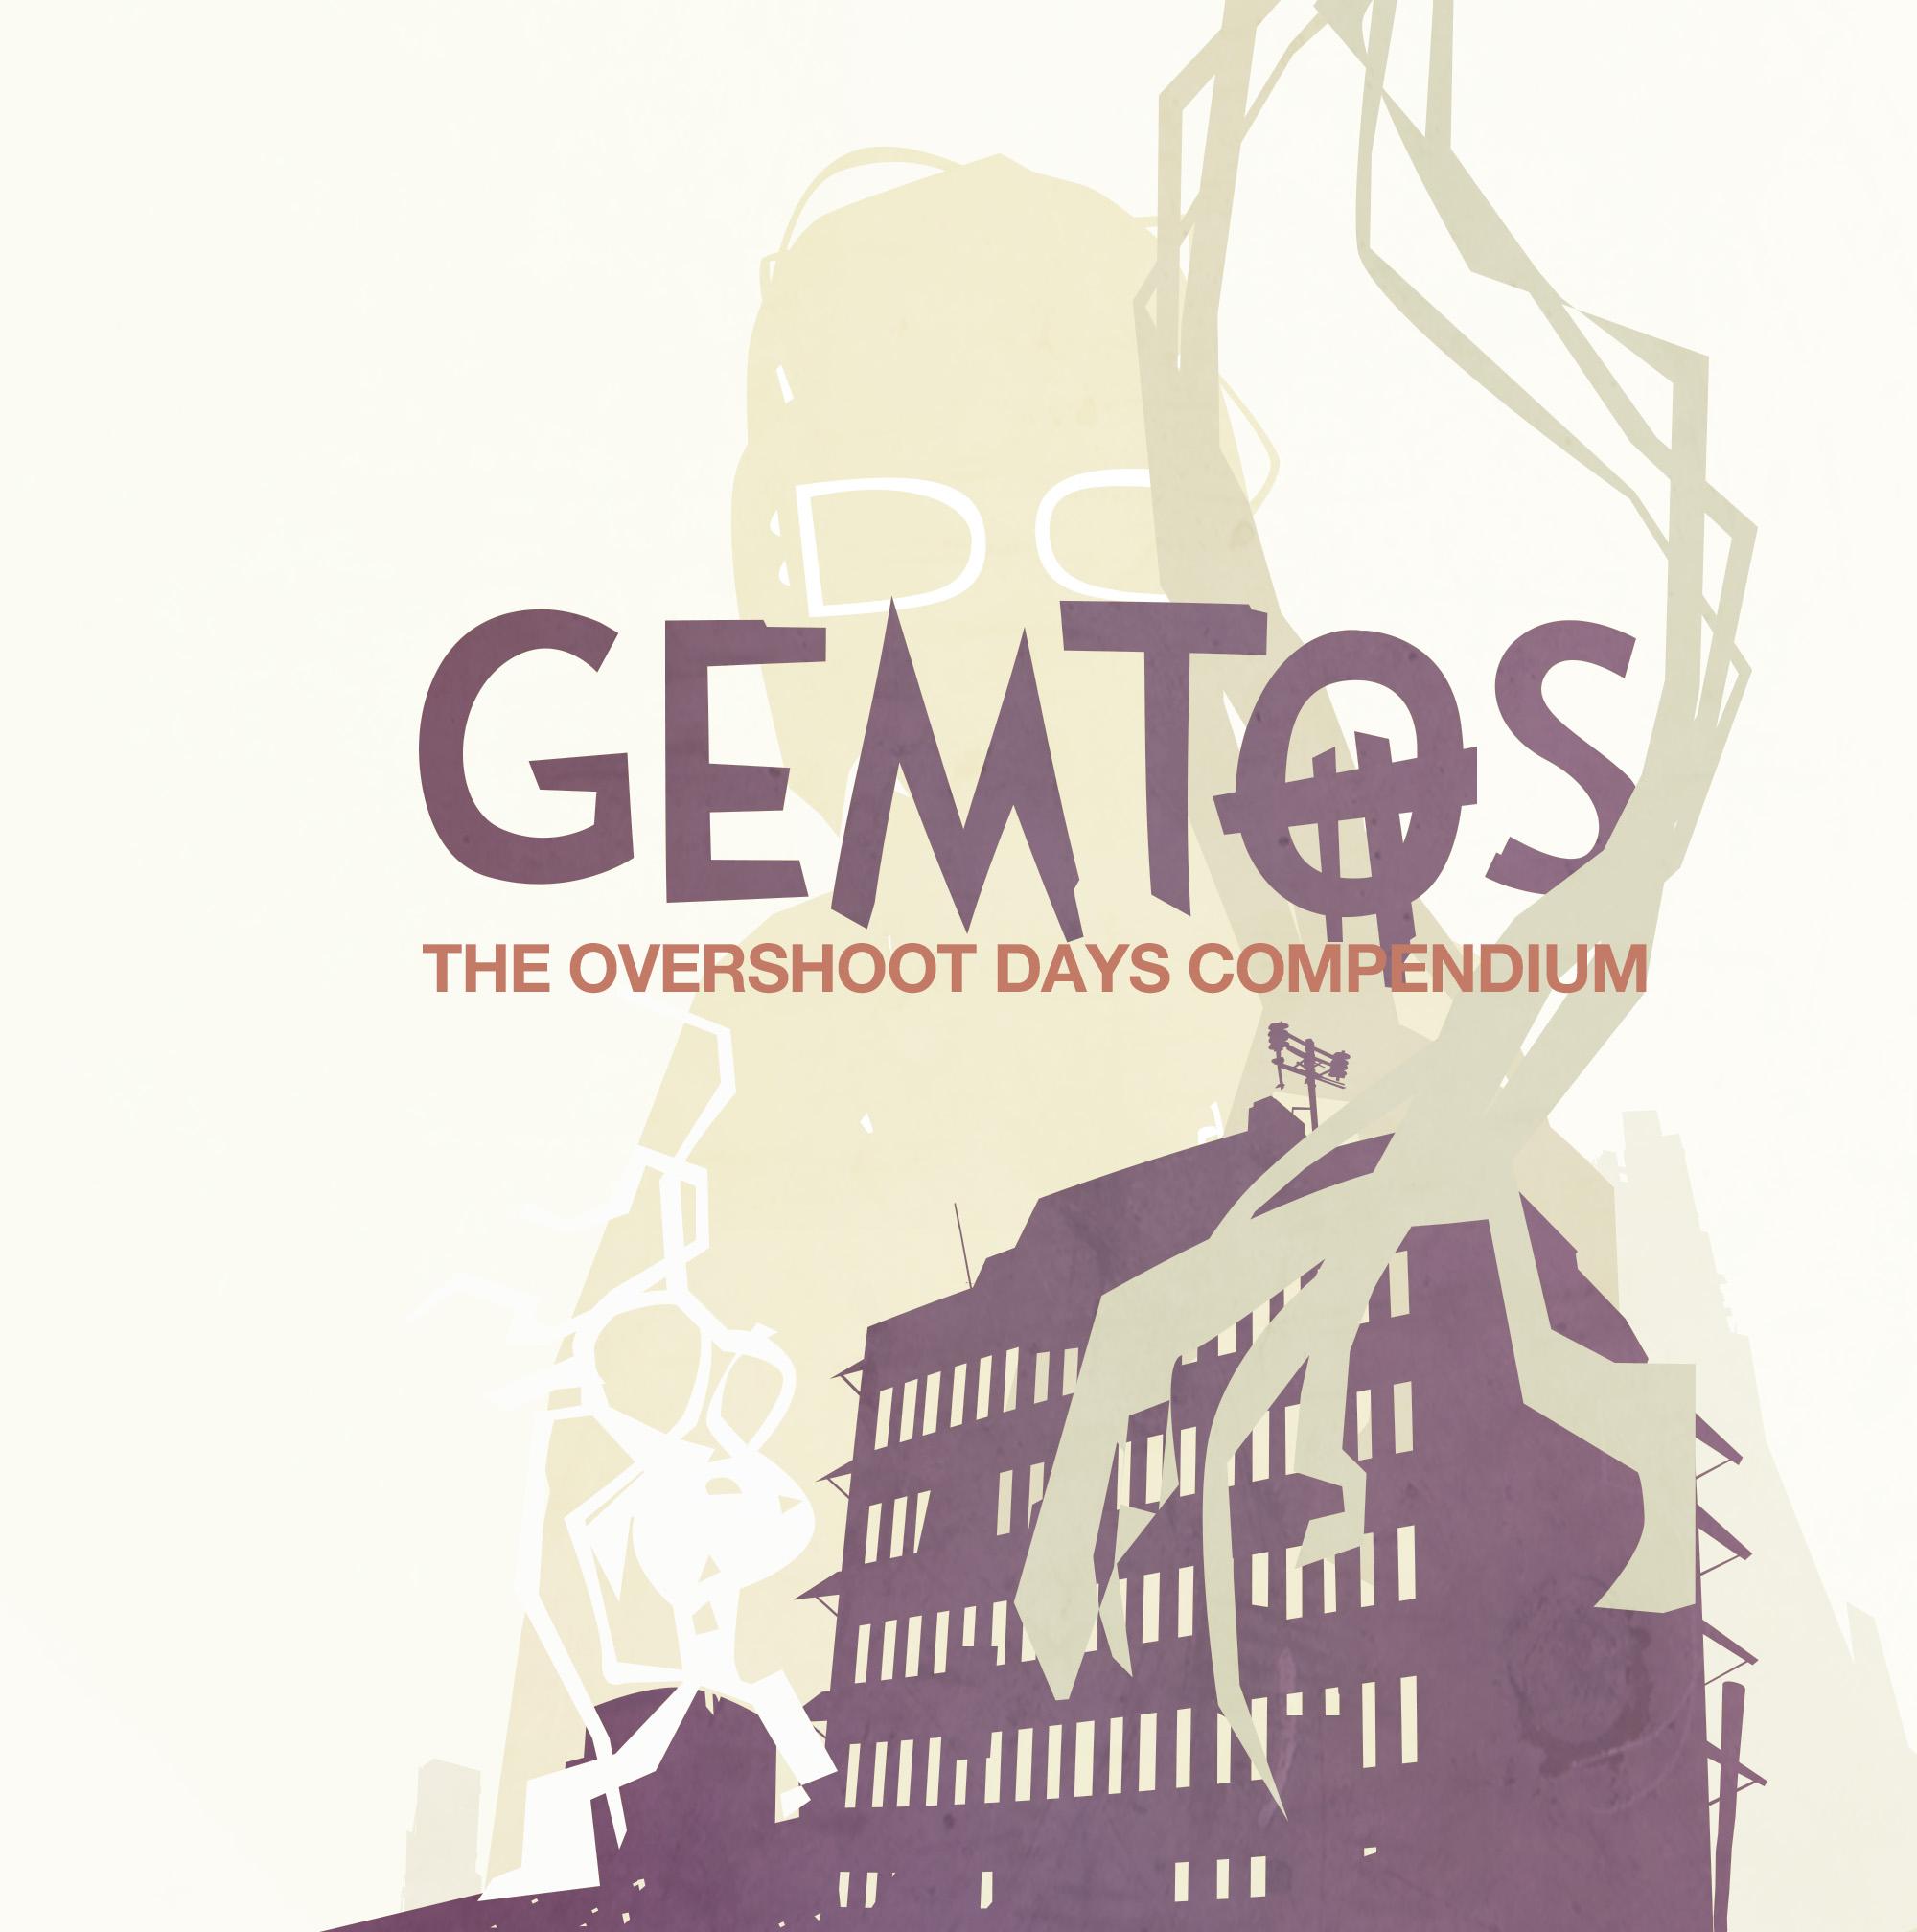 gemtos3